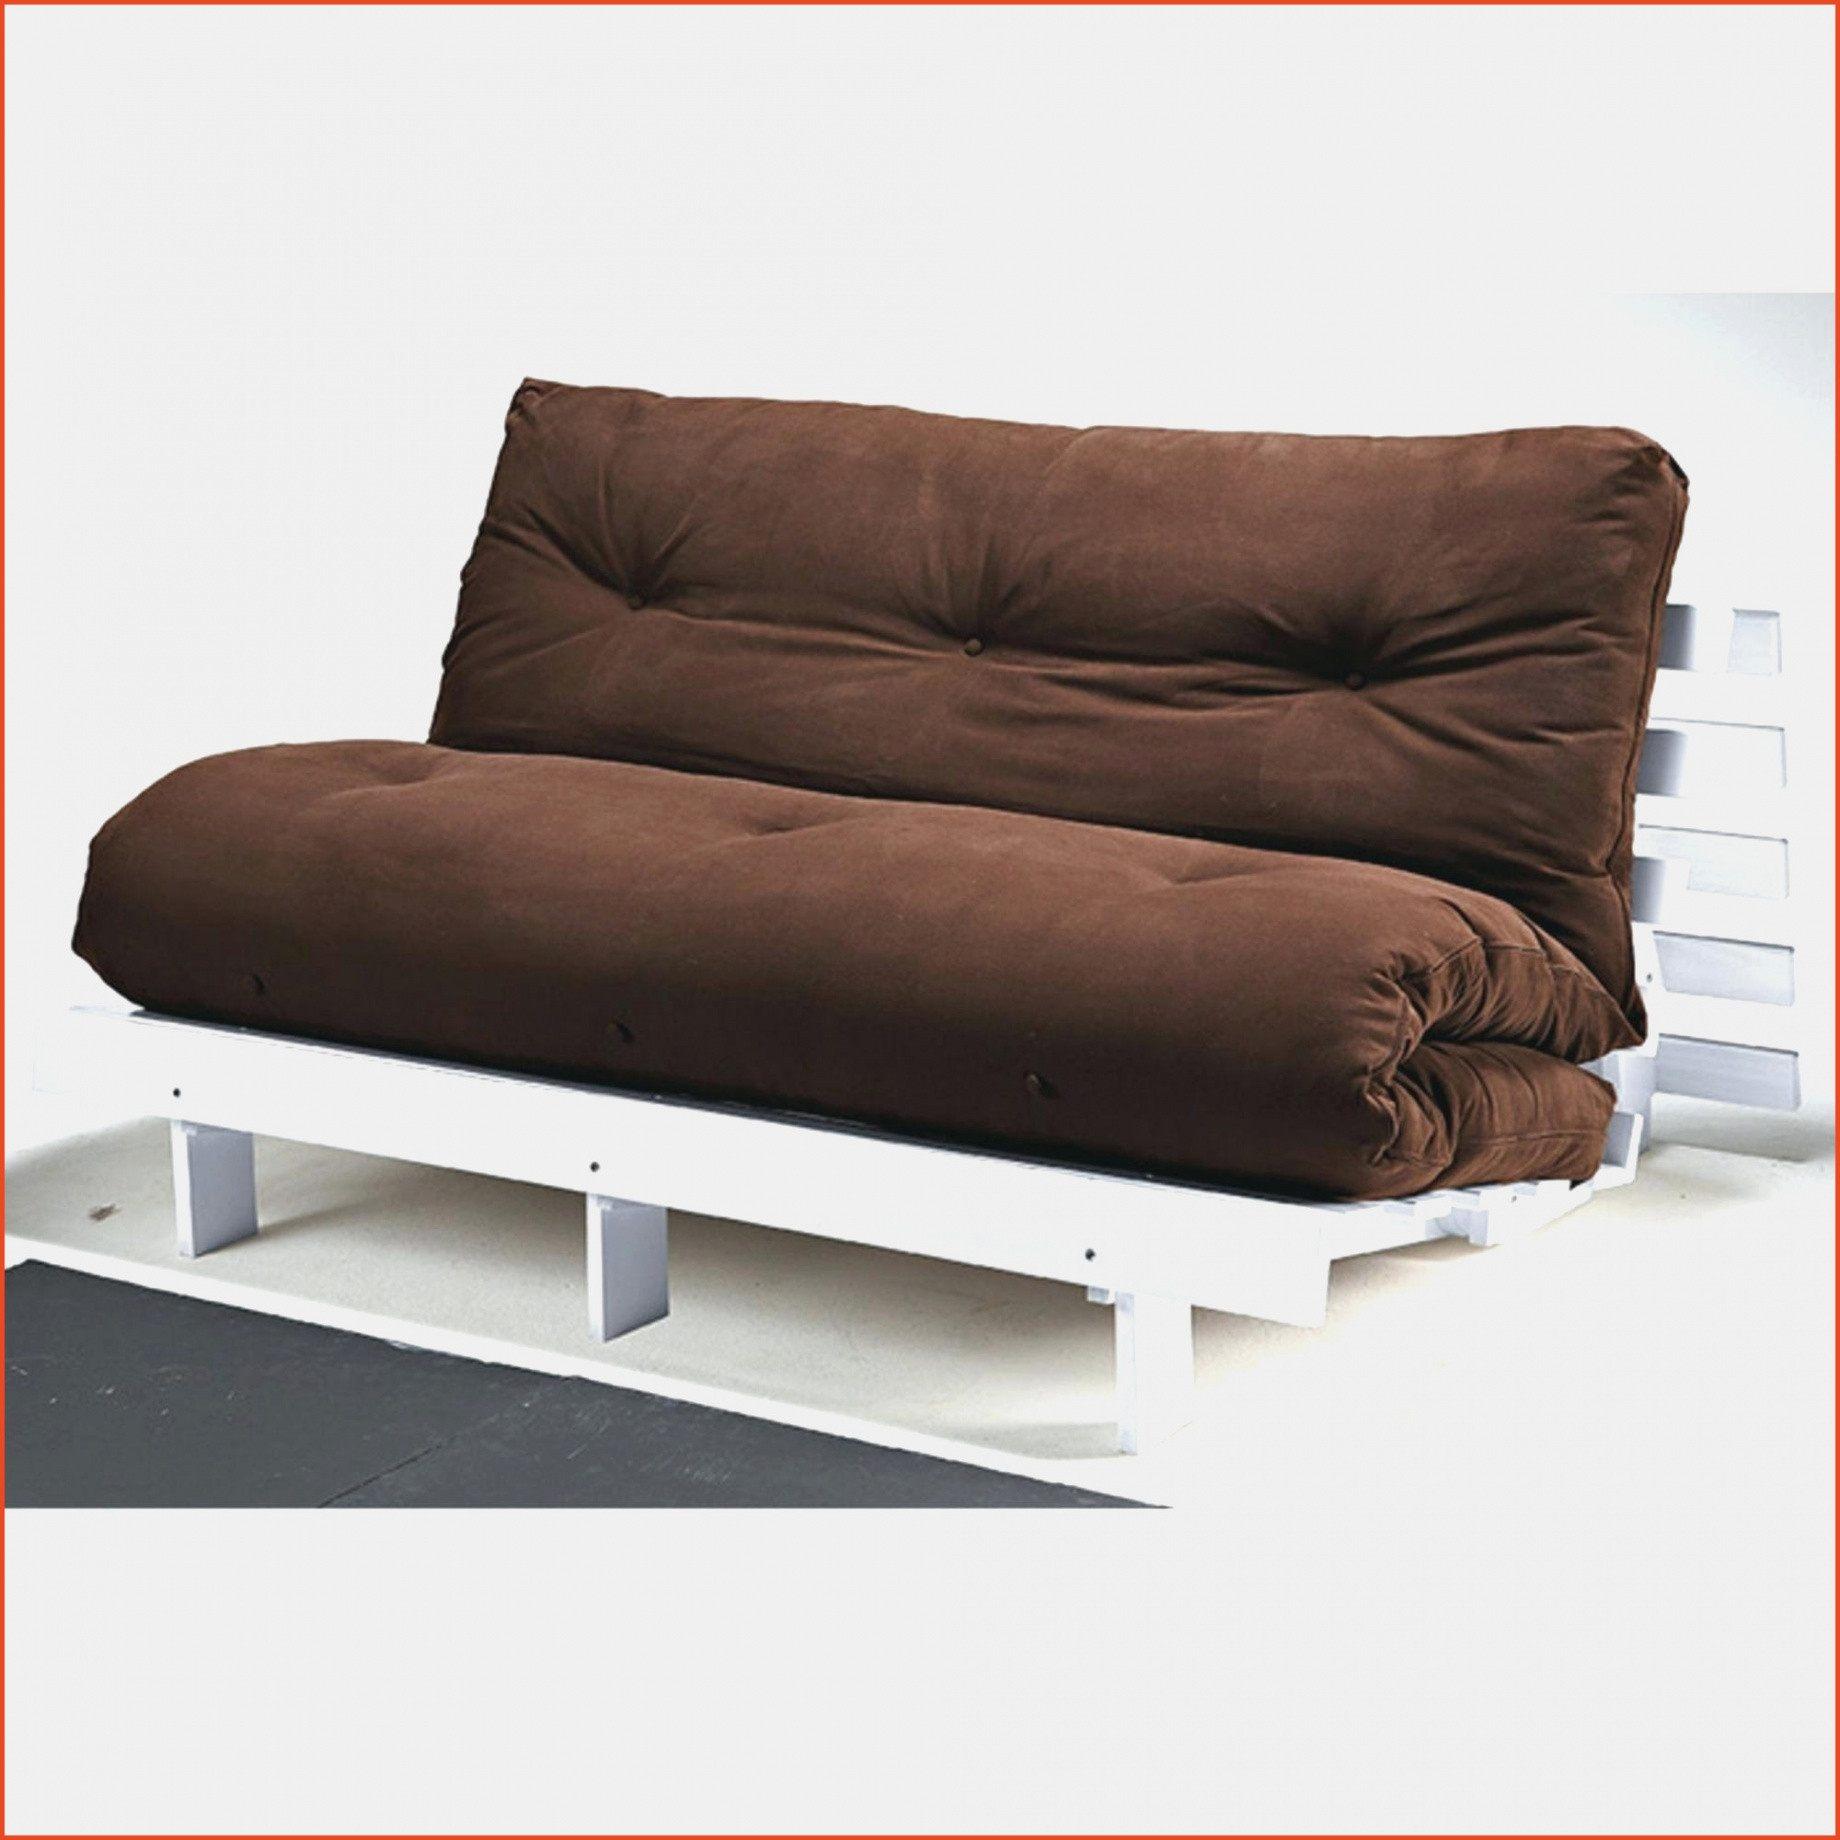 Canapé Lit Convertible Couchage Quotidien Charmant Impressionnant Canapé Lit Couchage Quoti N Ikea Canapé Convertible